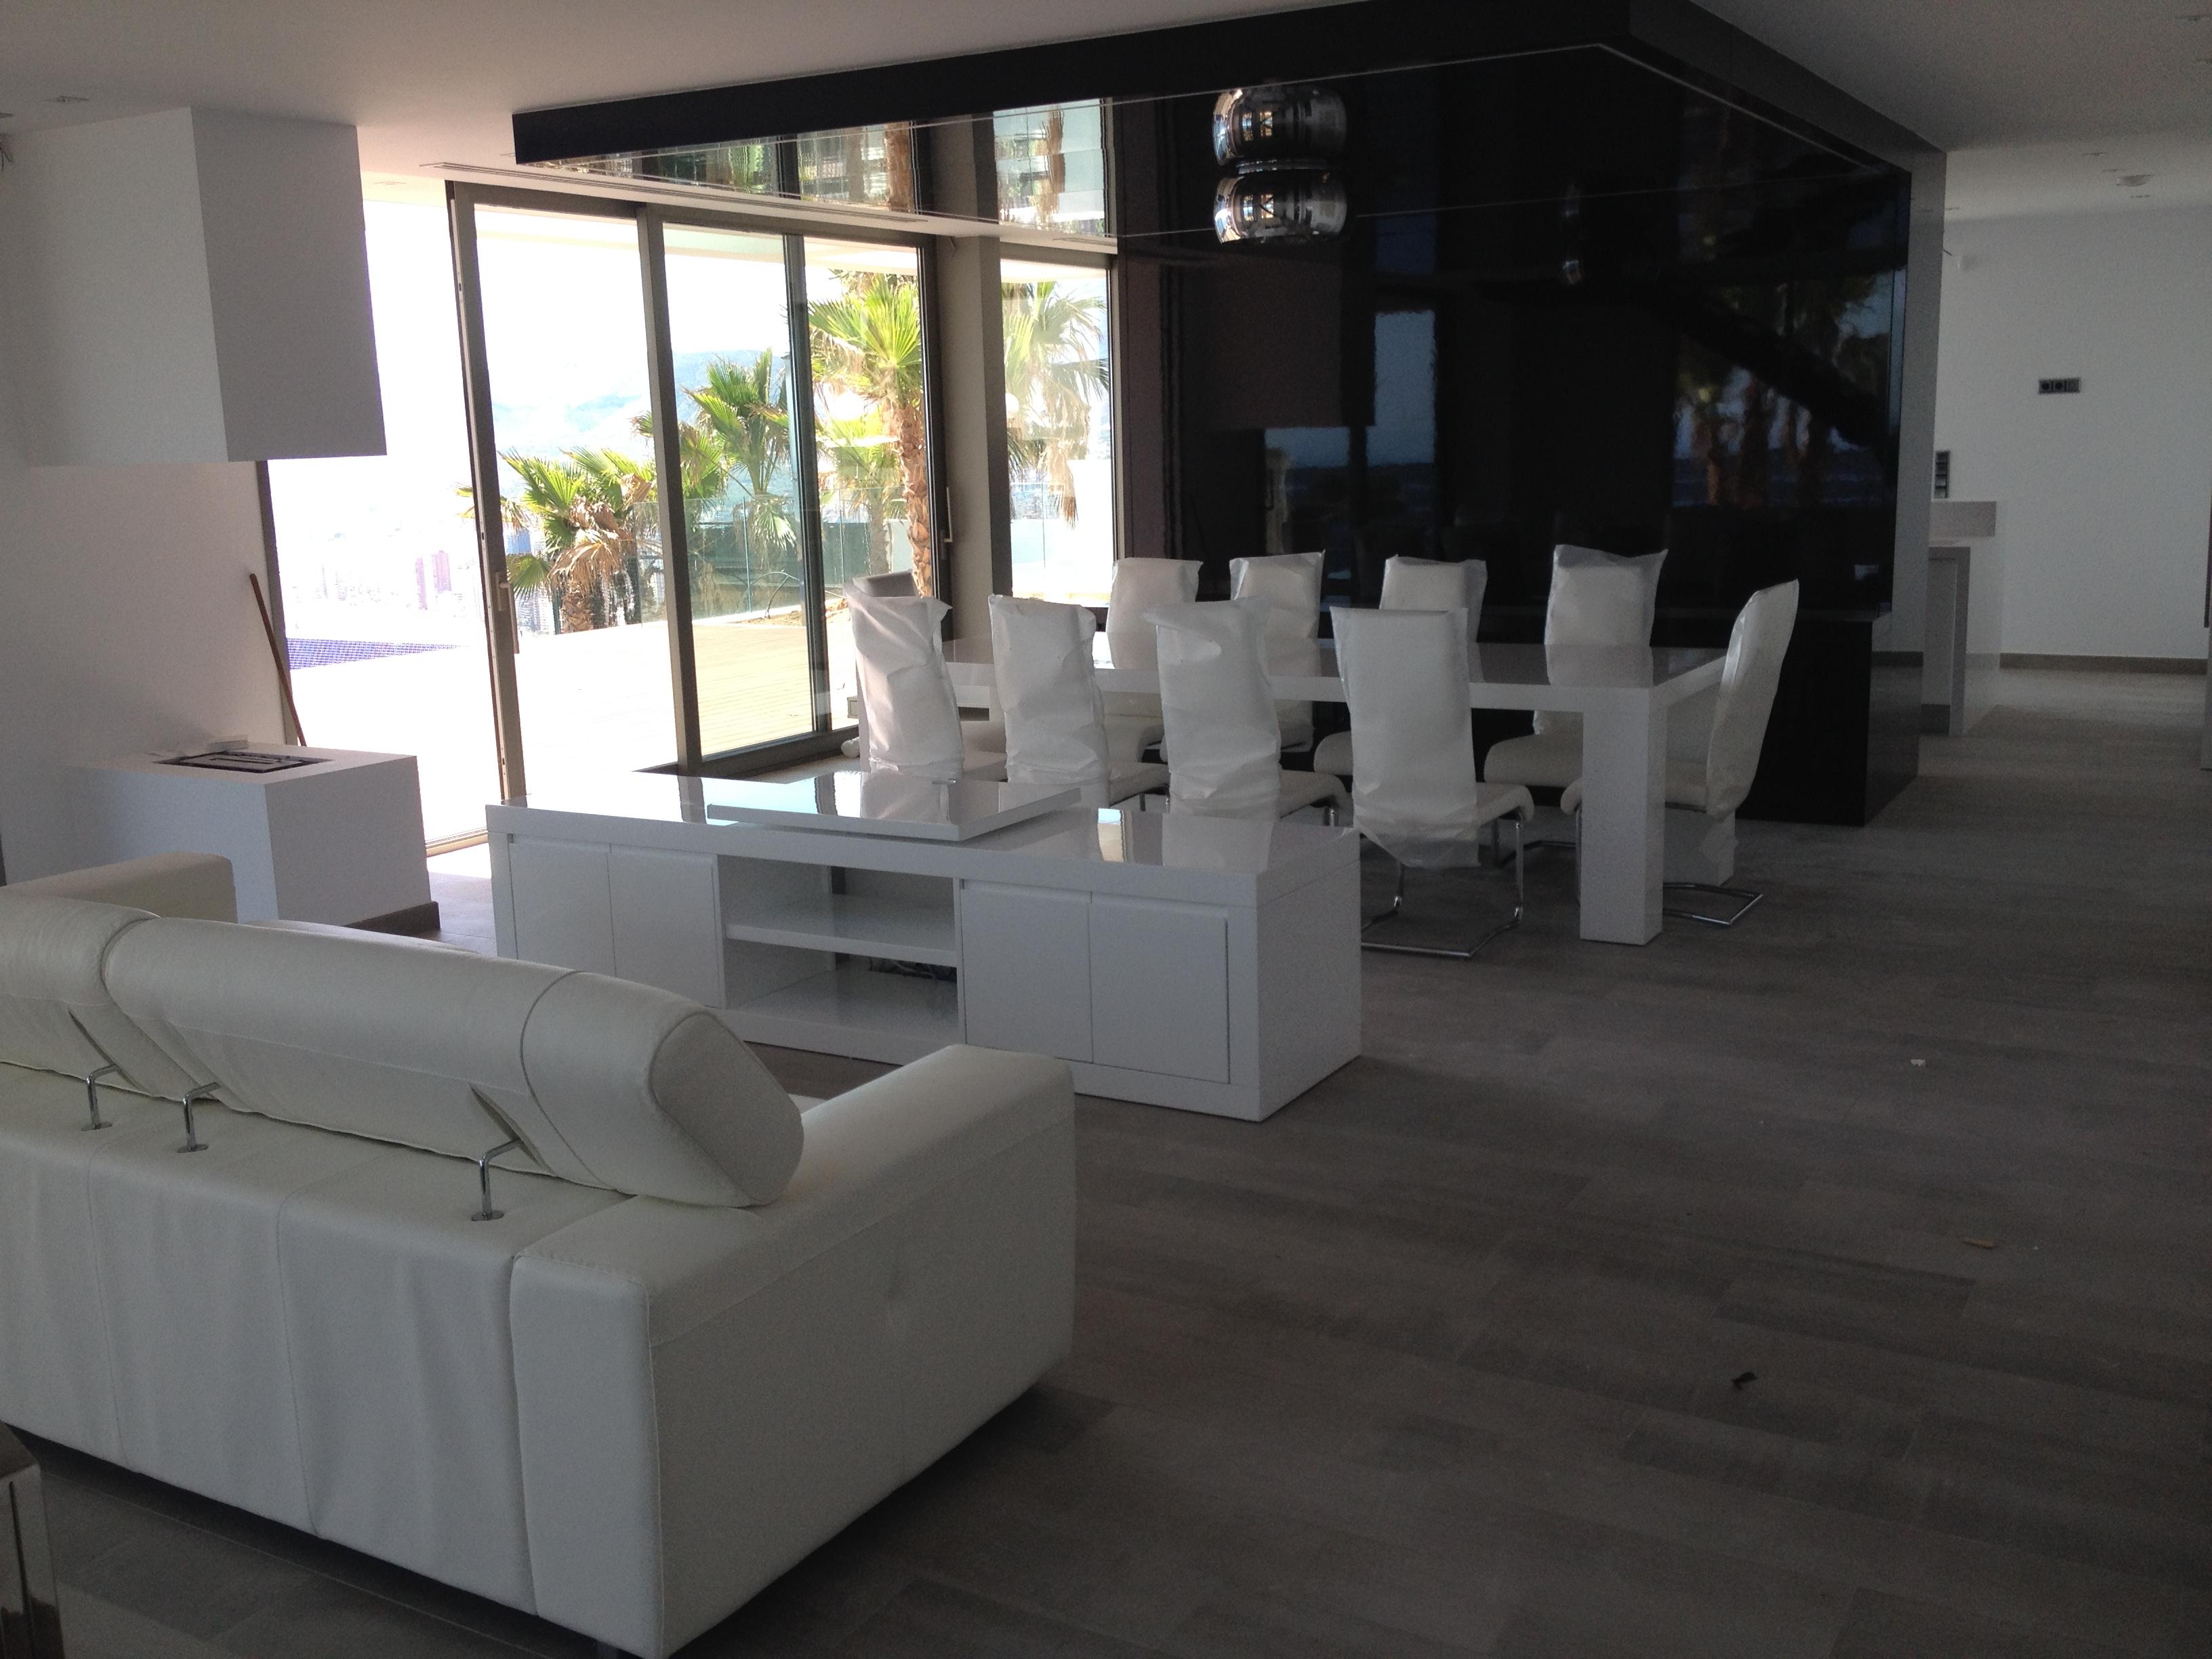 Muebles De Sal N Y Comedores A Medida En Castell N F Brica Propia  # Muebles Vall De Uxo